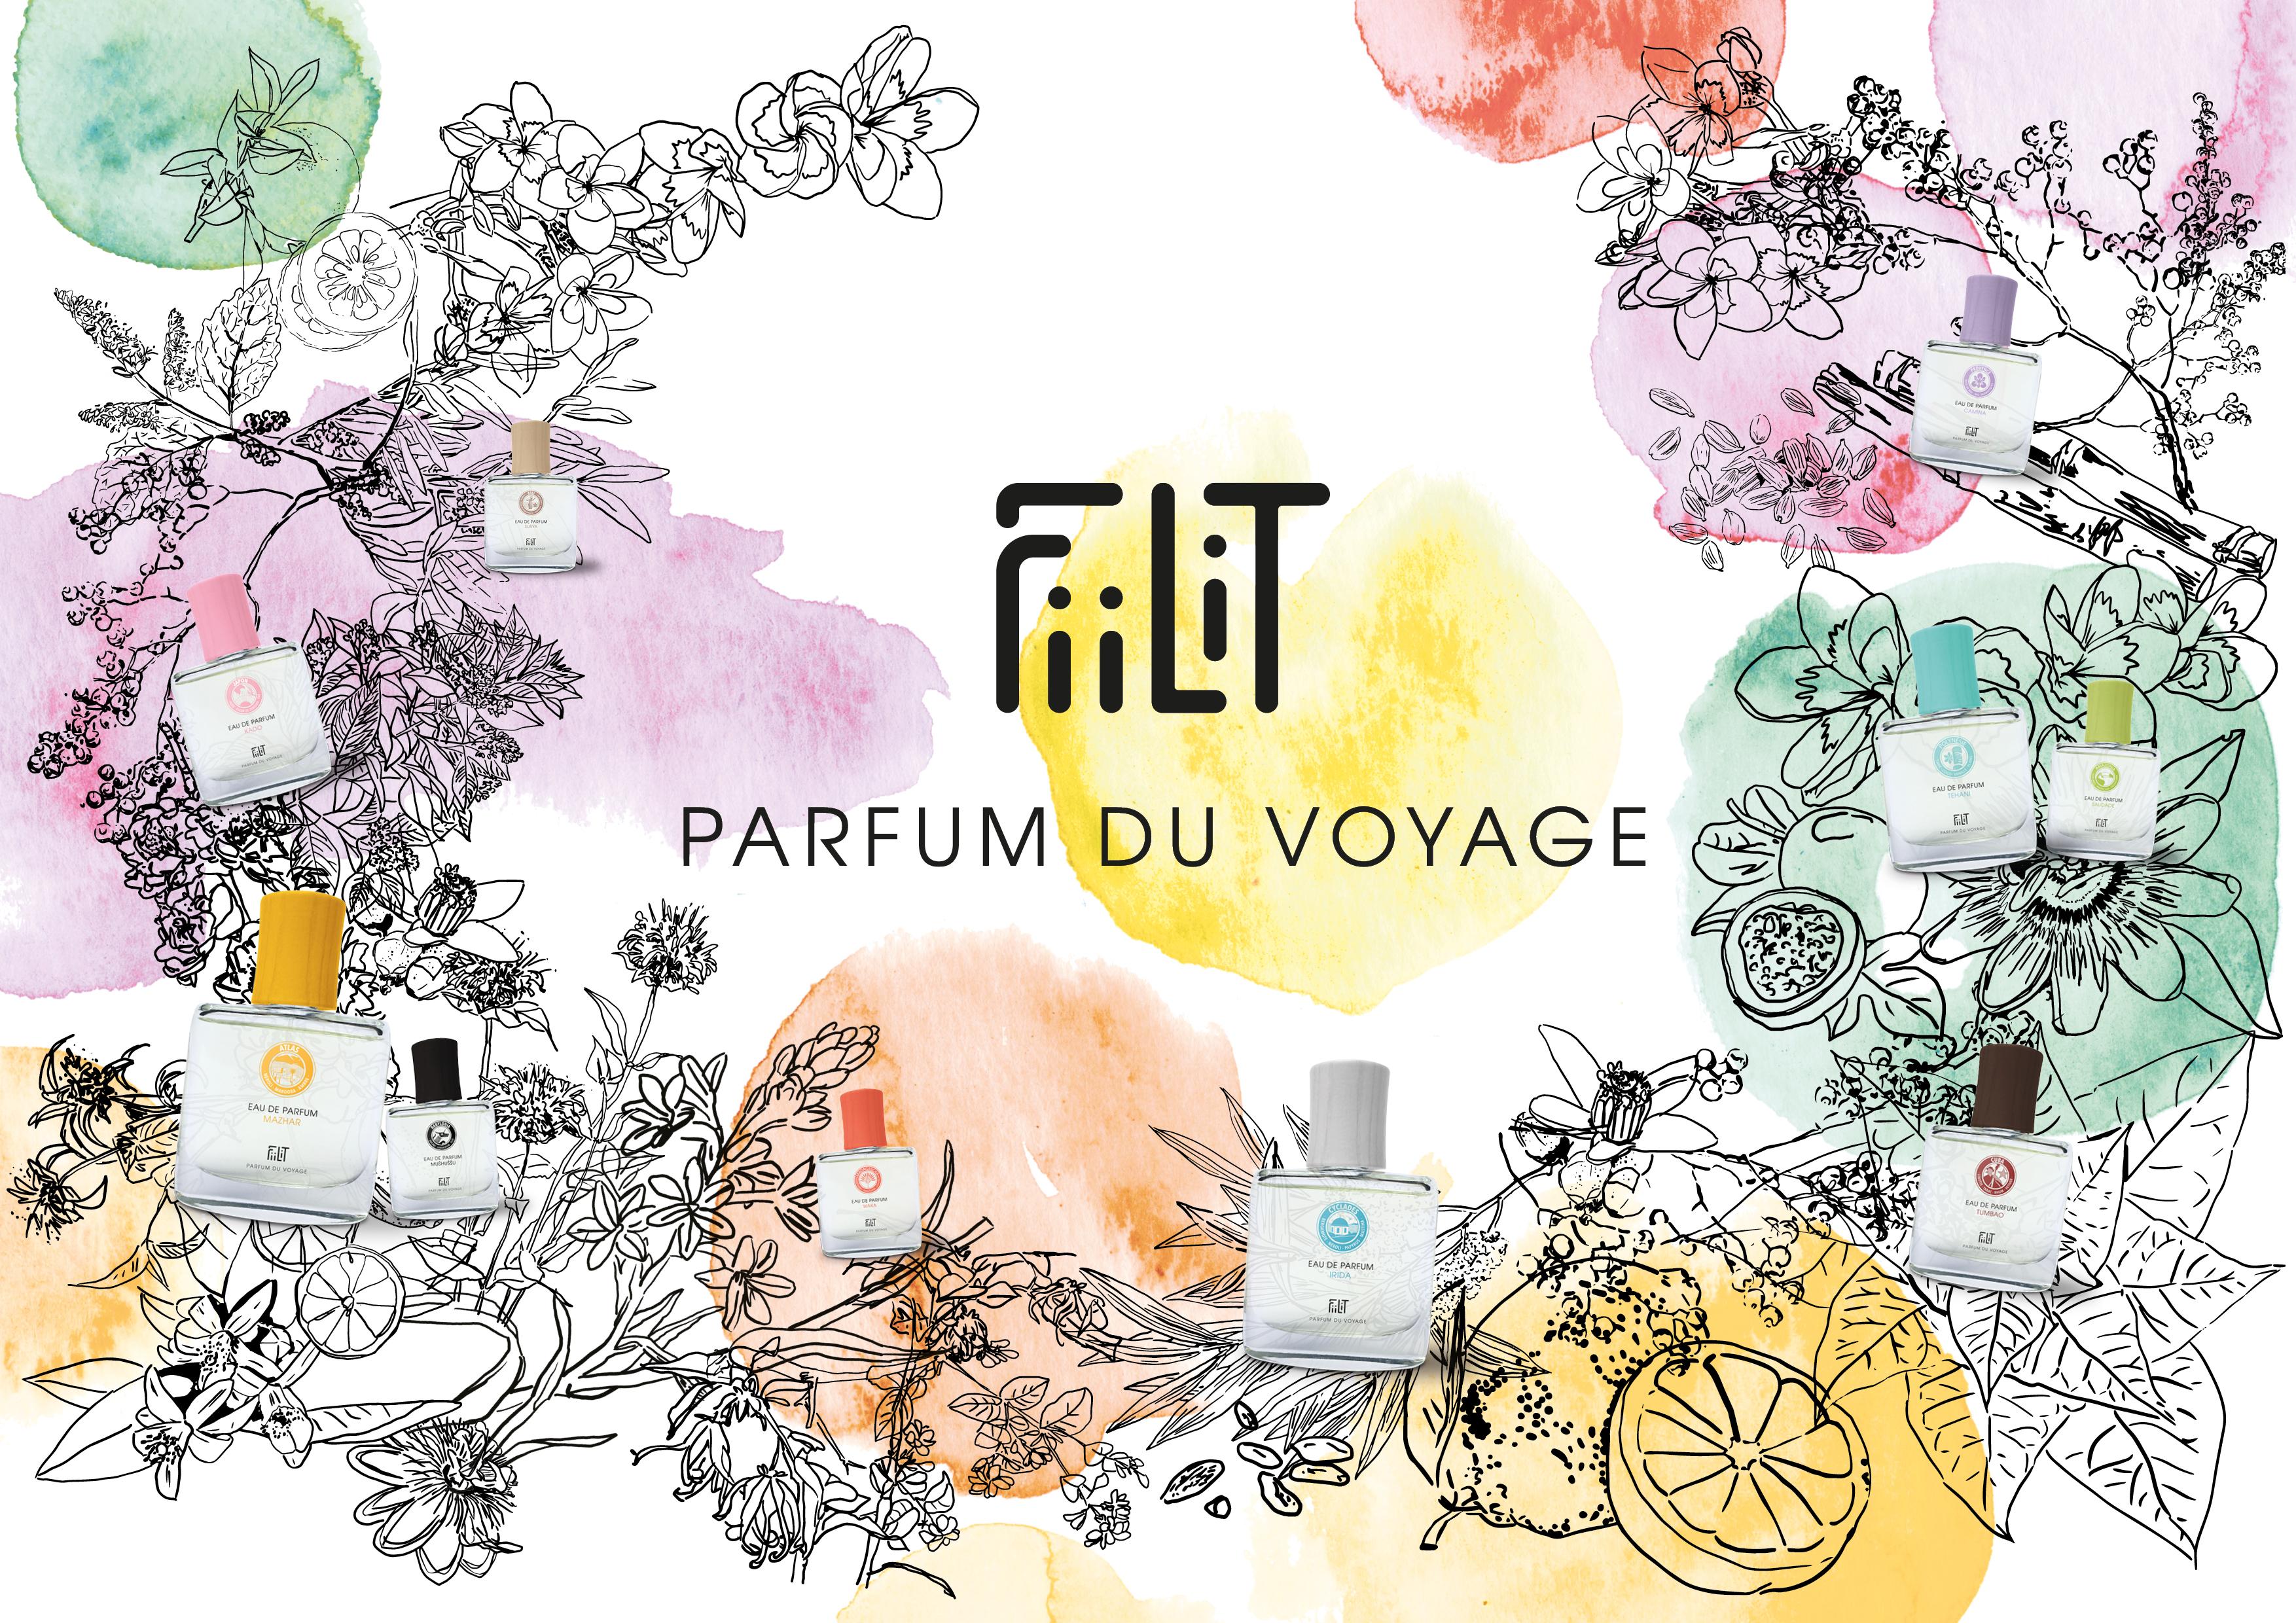 Le parfum du voyage FiiLit à Toulouse chez LC CONCEPT STORE BEAUTÉ